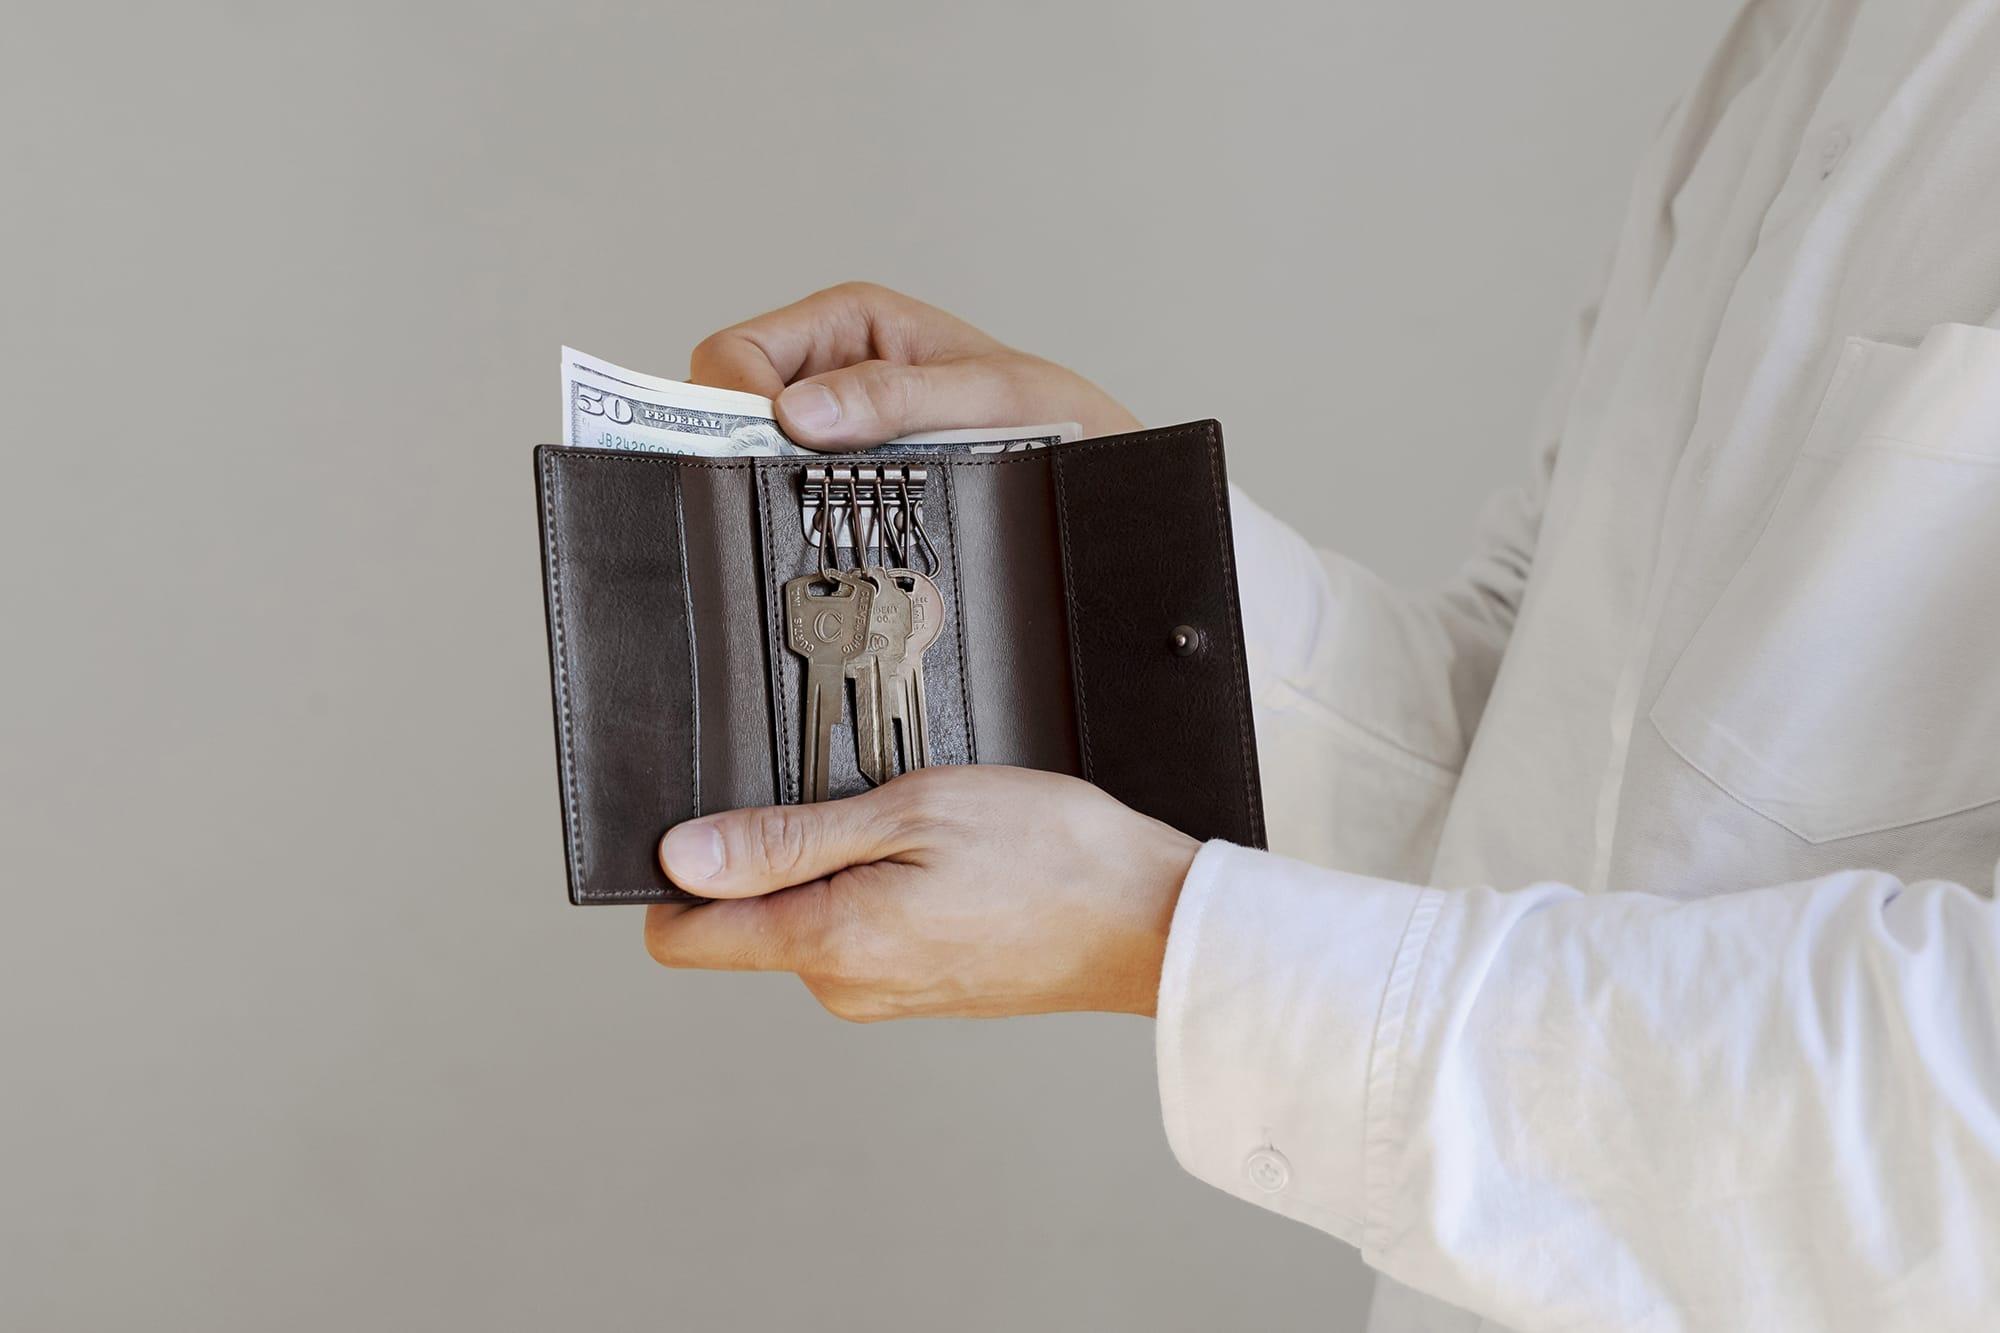 キーフックにはスイス・アミエット社のアンティーク調カッパーメッキのものを使用。札入れの中にはカード1枚を収納できるスペースも。